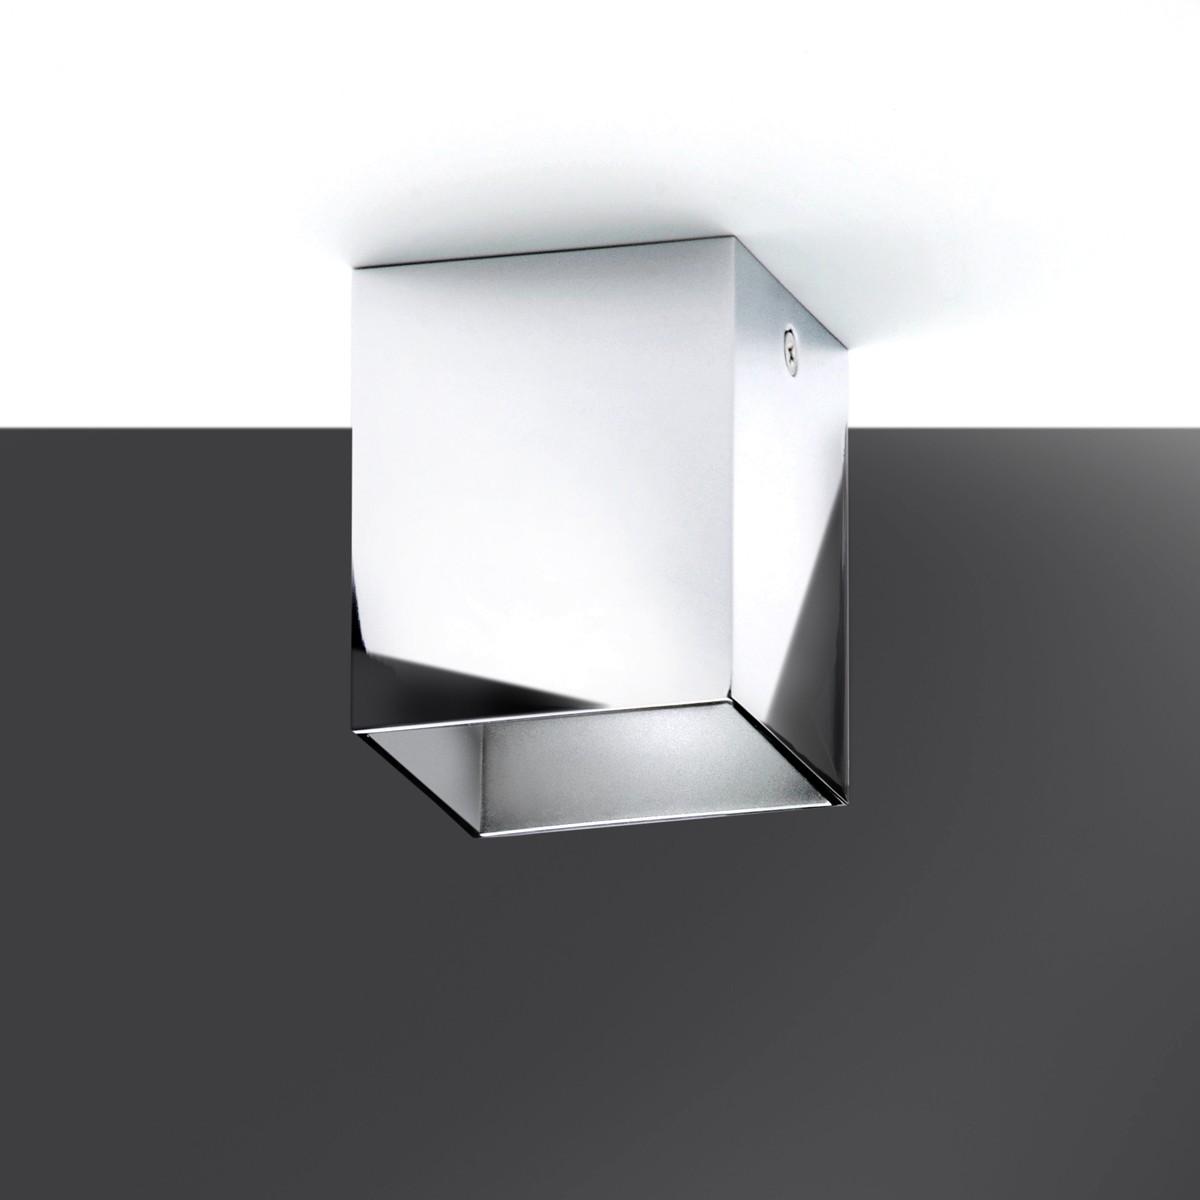 Milan Mini Dau LED Deckenleuchte, hochglänzend verchromt